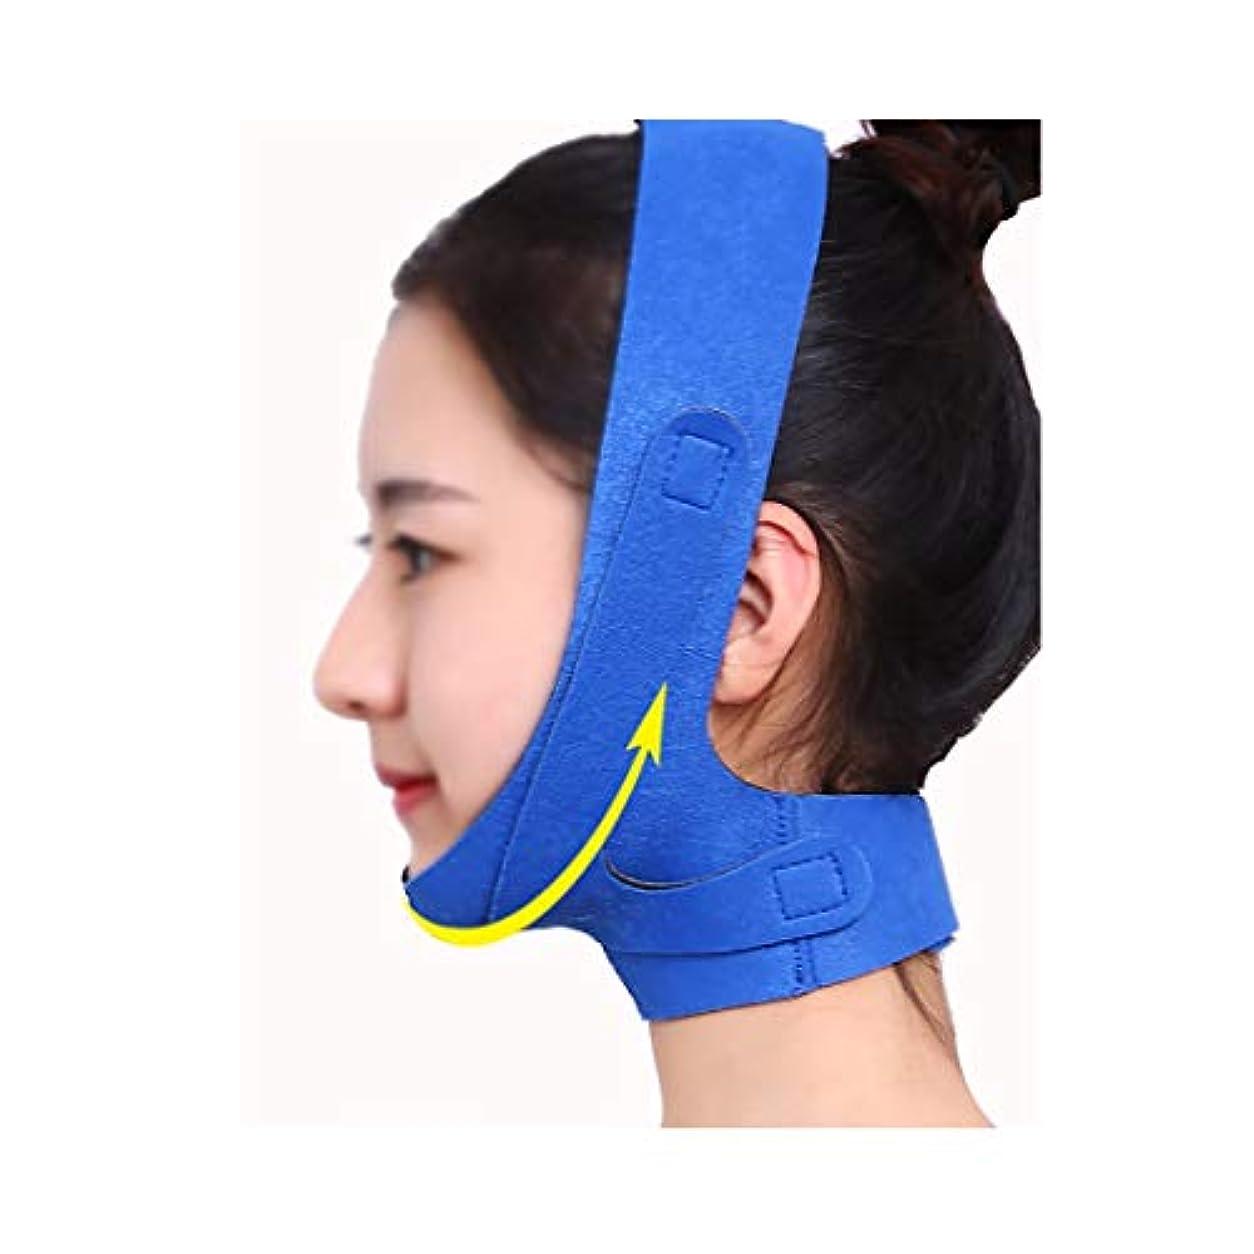 知る晩餐バイナリフェイスリフトマスク、あごストラップ回復包帯睡眠薄いフェイス包帯薄いフェイスマスクフェイスリフトアーチファクトフェイスリフトで小さなV顔を強化する美容マスク包帯ブルーフェイスマスク